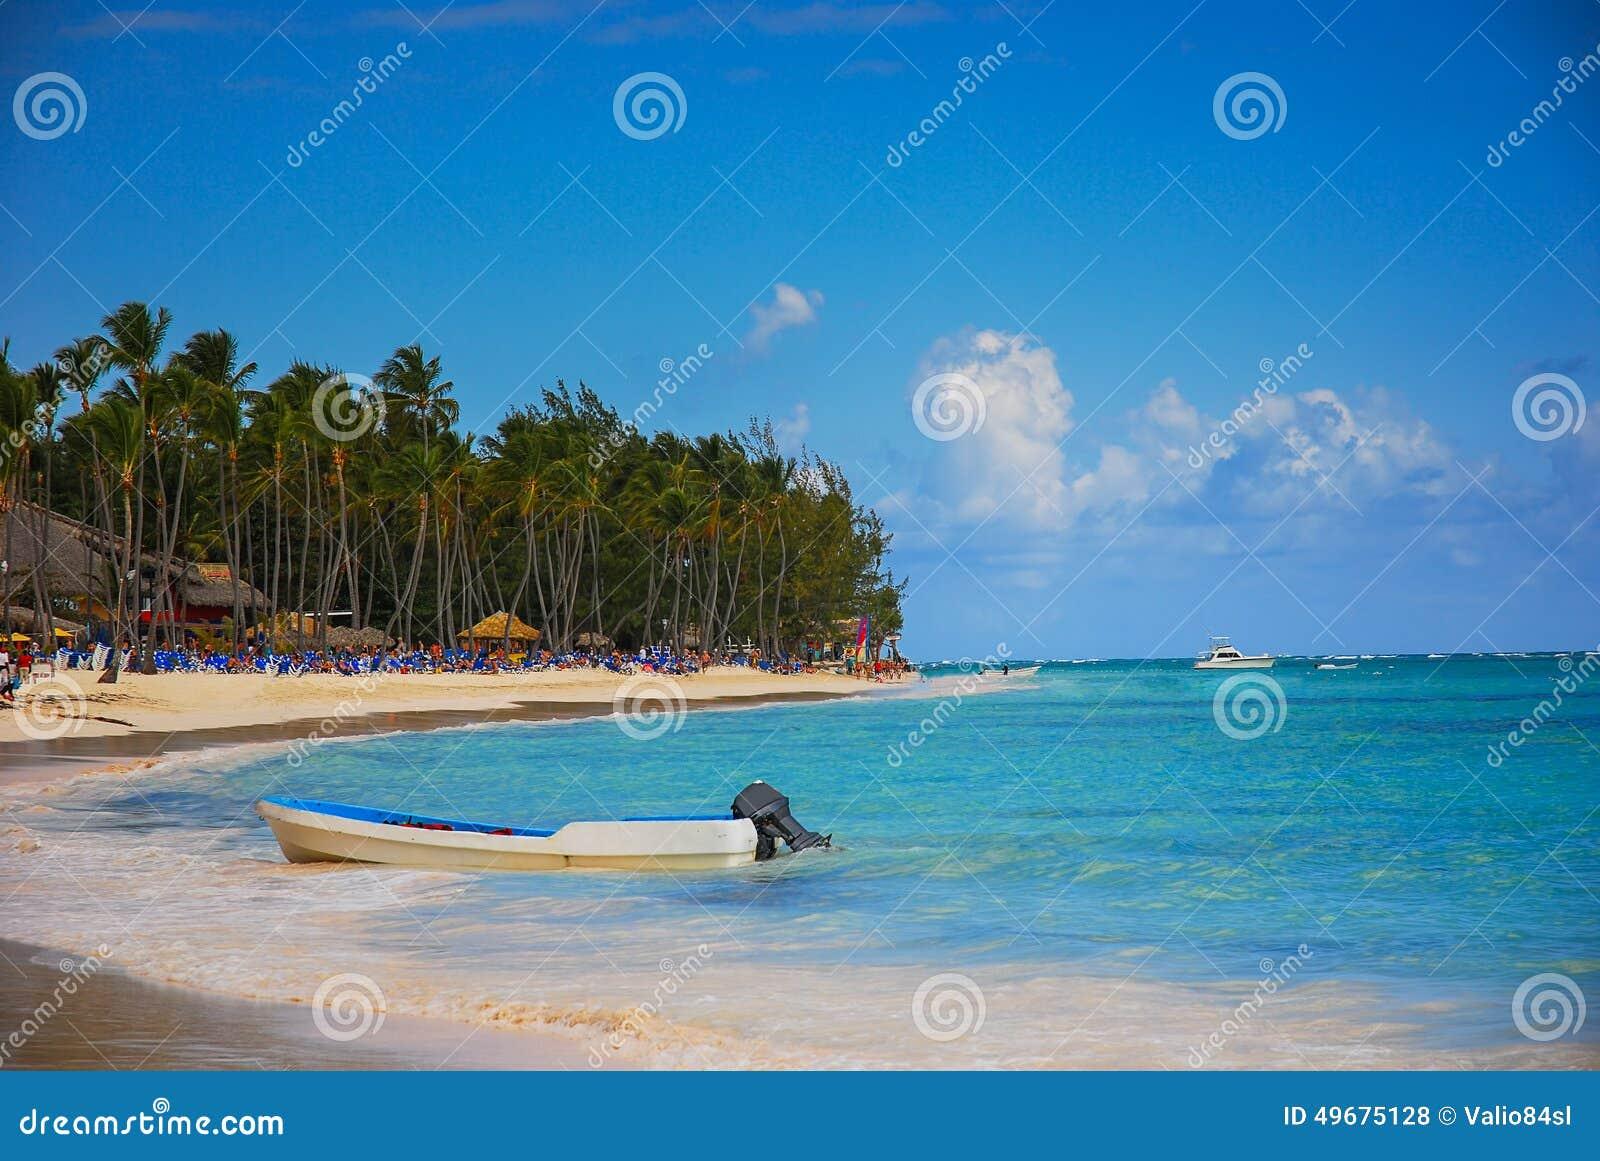 Εξωτική παραλία στη Δομινικανή Δημοκρατία